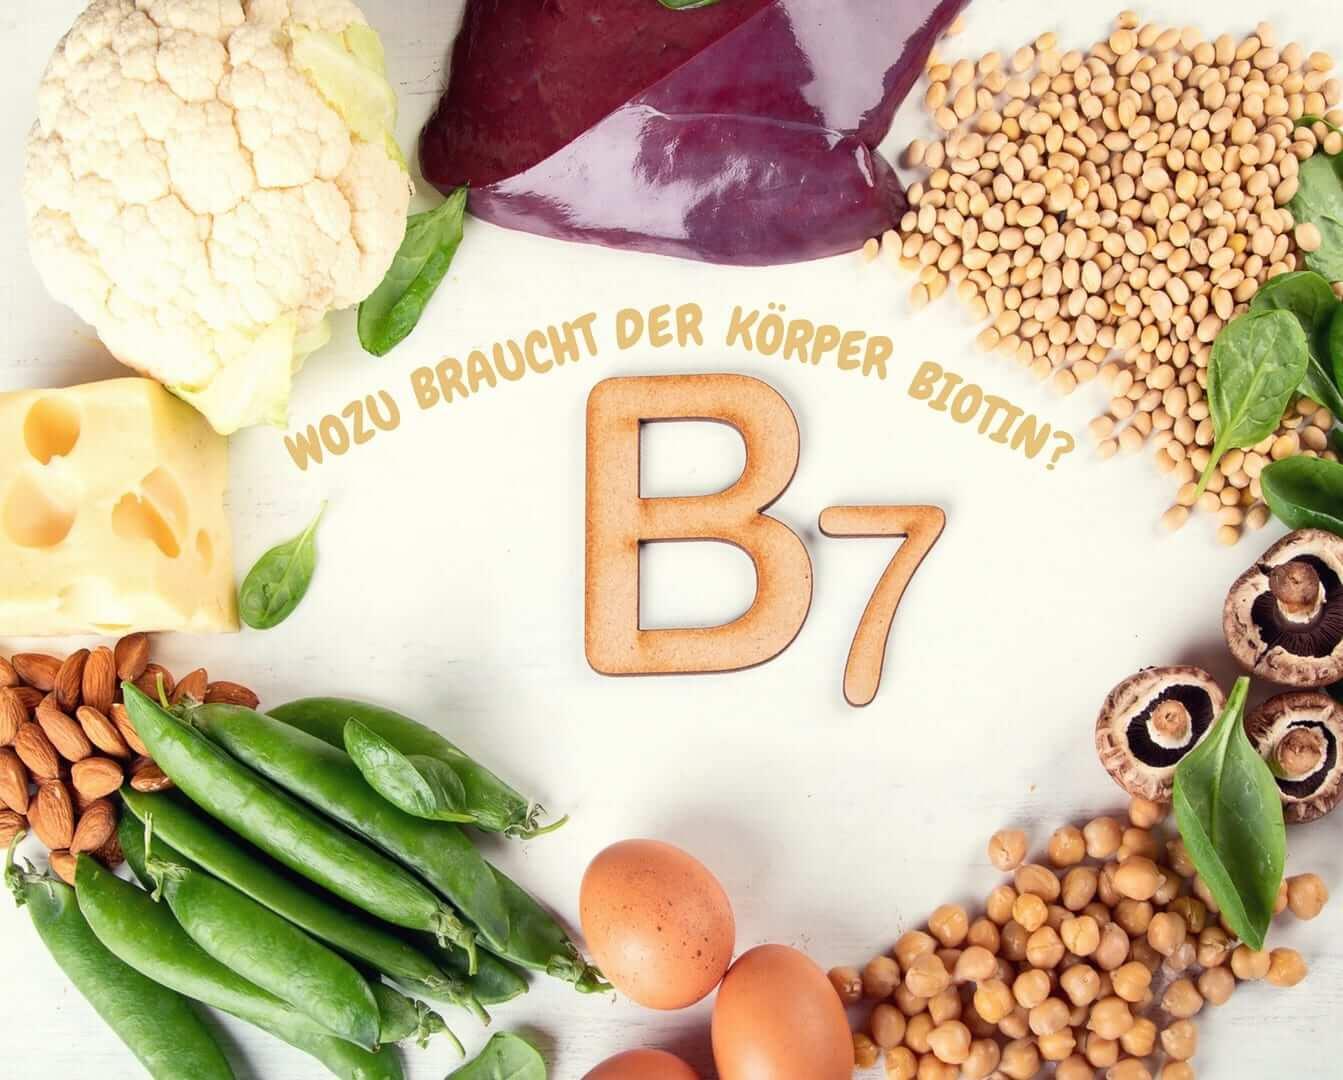 Биотин (витамин н, витамин в7) польза, дефицит и избыток